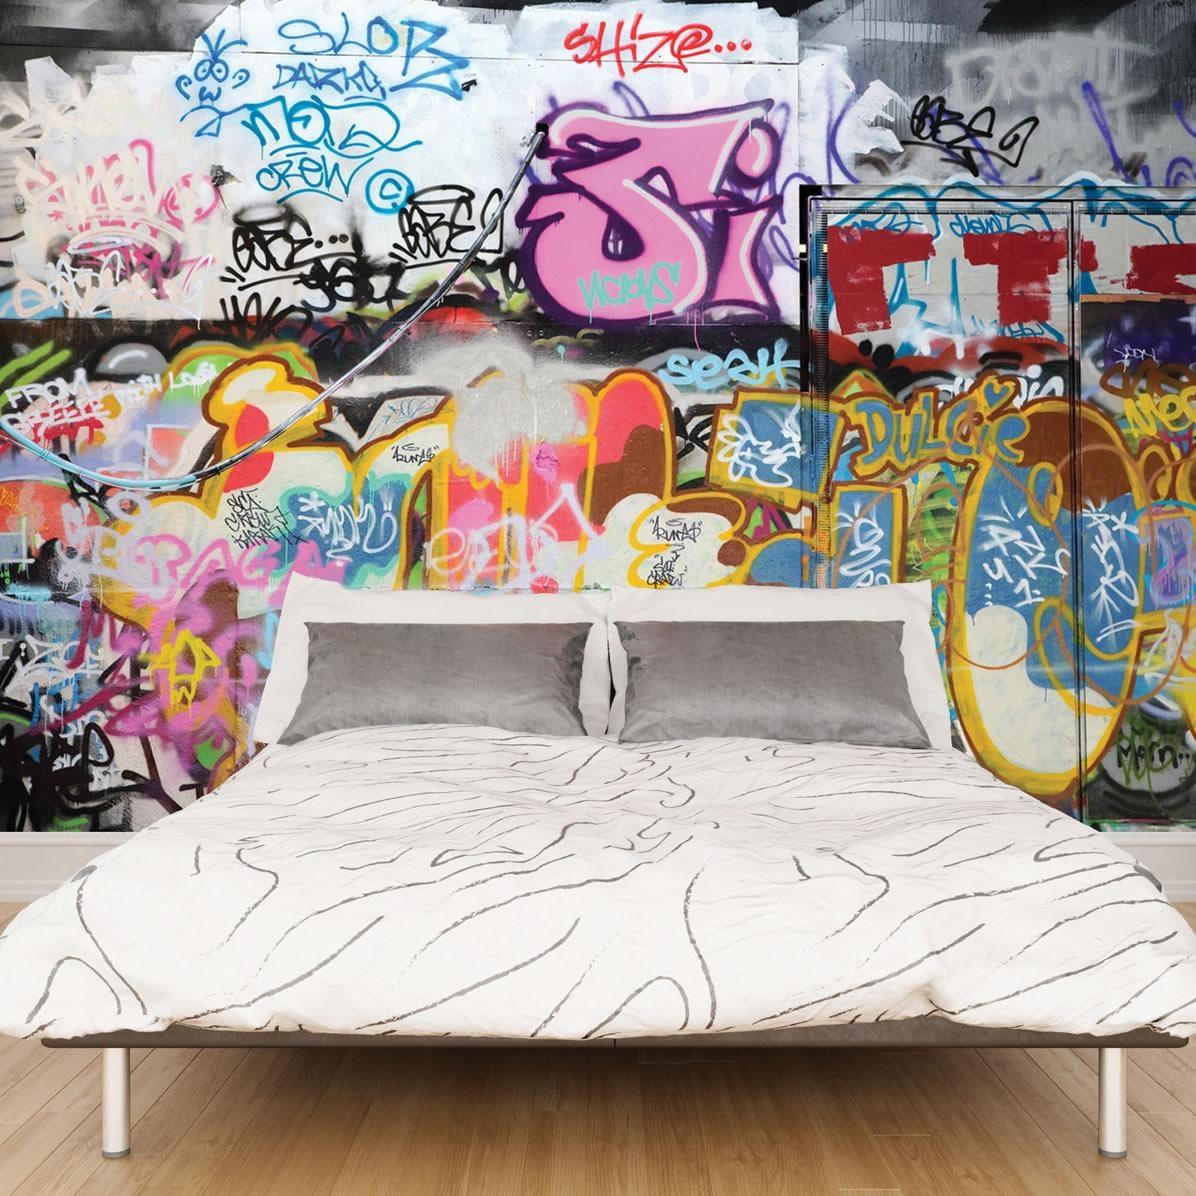 Pop Art & Graffiti | Plasticbanners Throughout Pop Art Wallpaper For Walls (View 11 of 20)